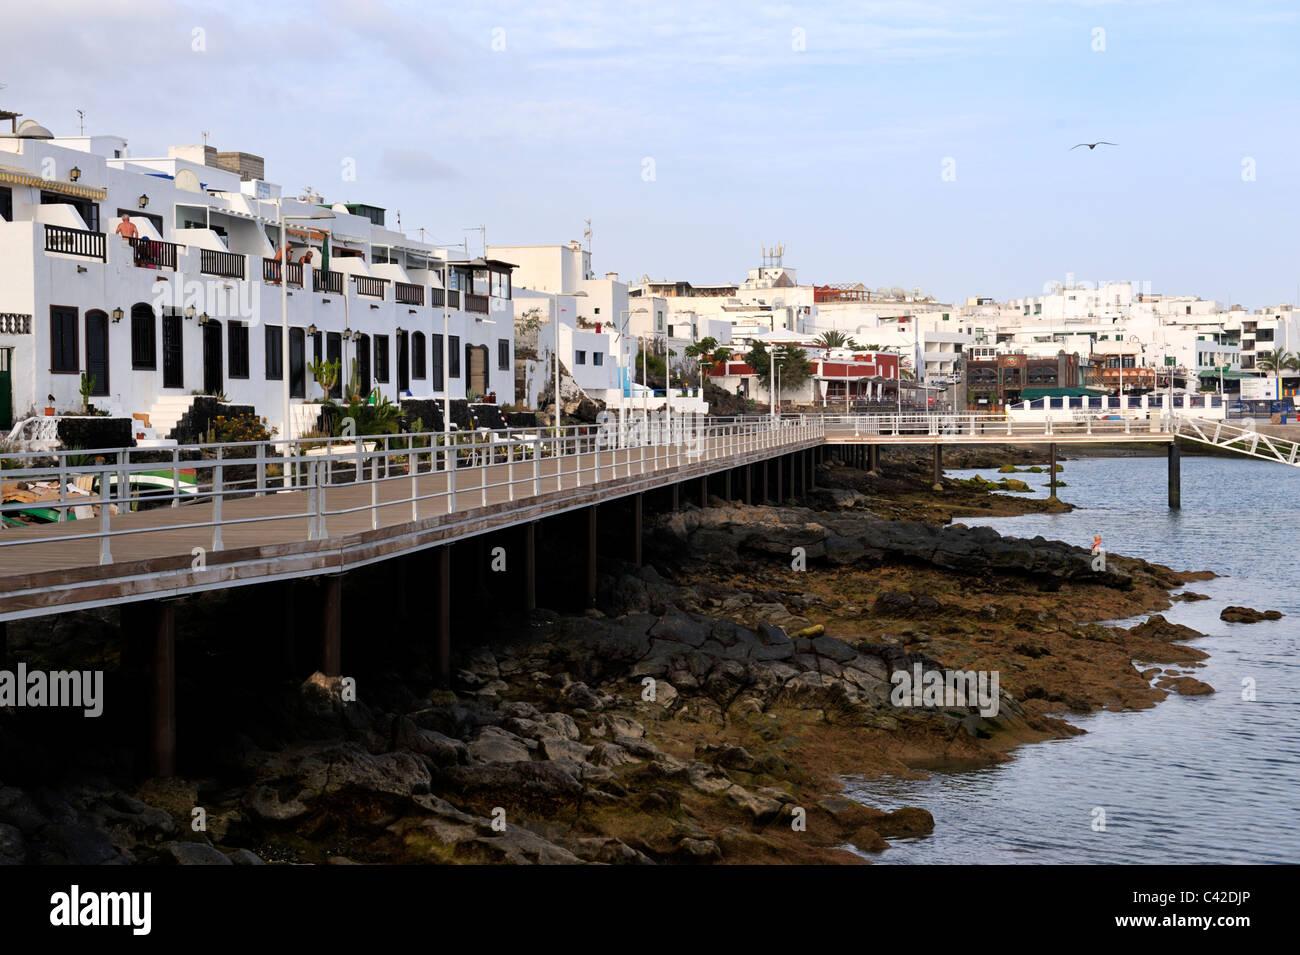 Seaside board walk